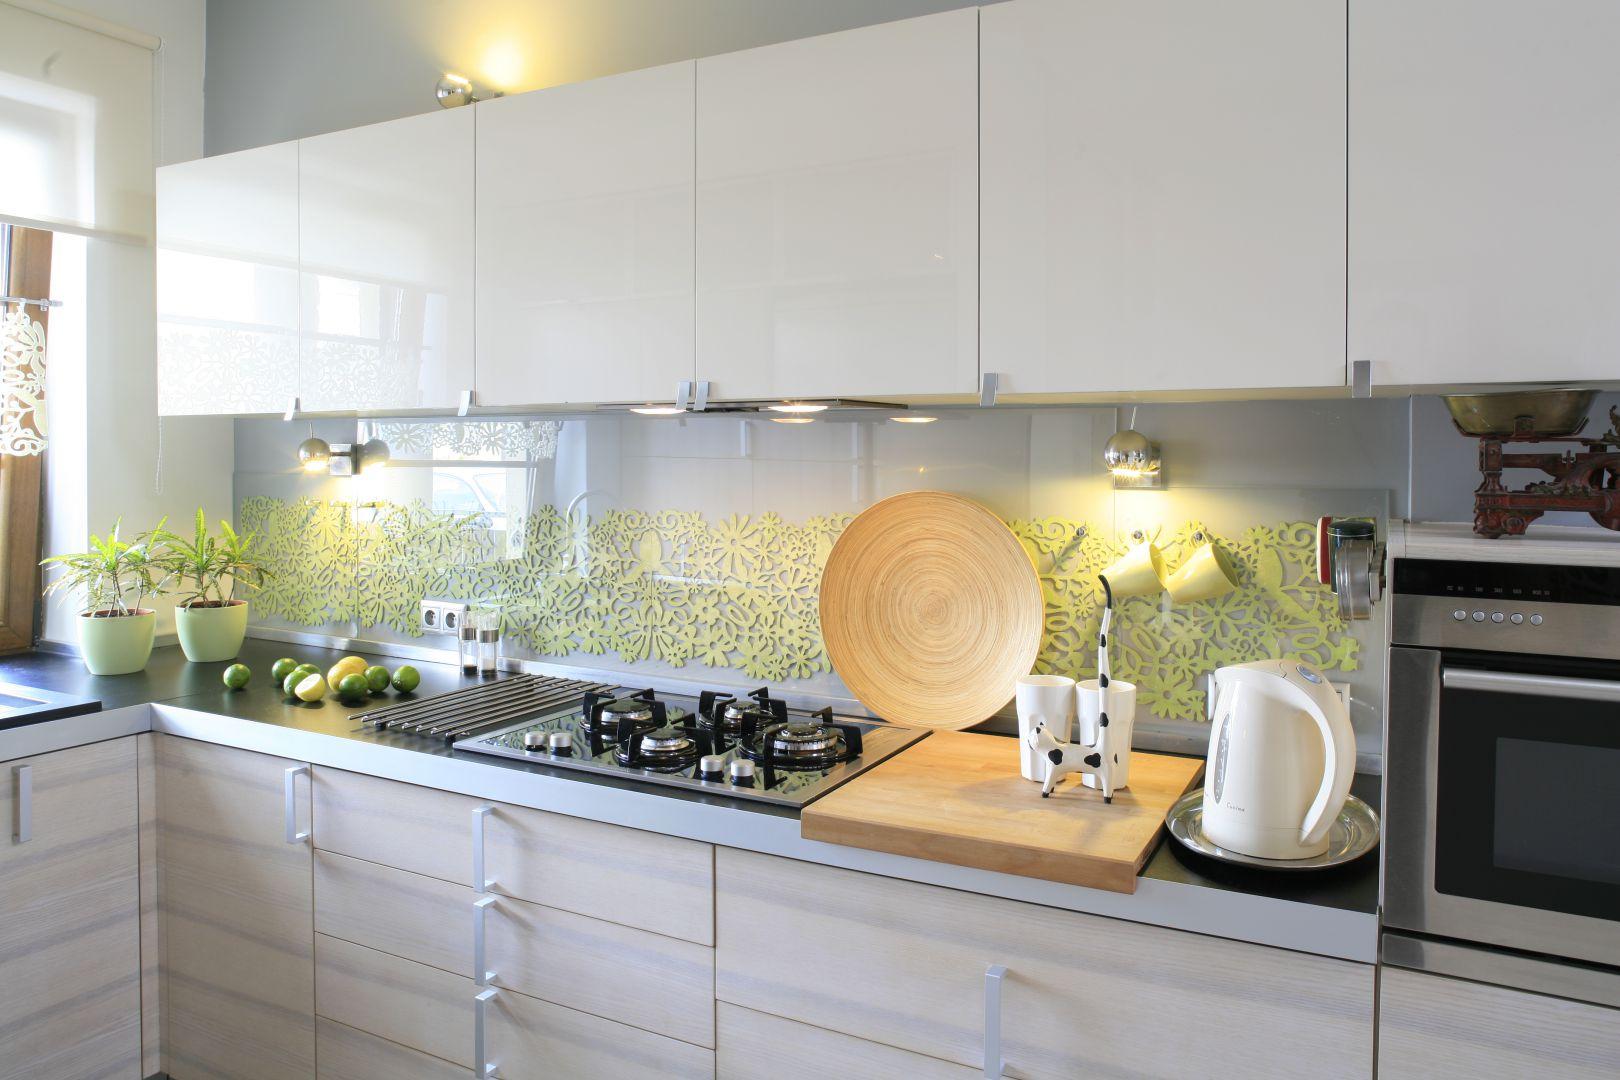 Ściana nad blatem w kuchni: wybieramy szkło. Projekt: Marta Kruk. Fot. Bartosz Jarosz